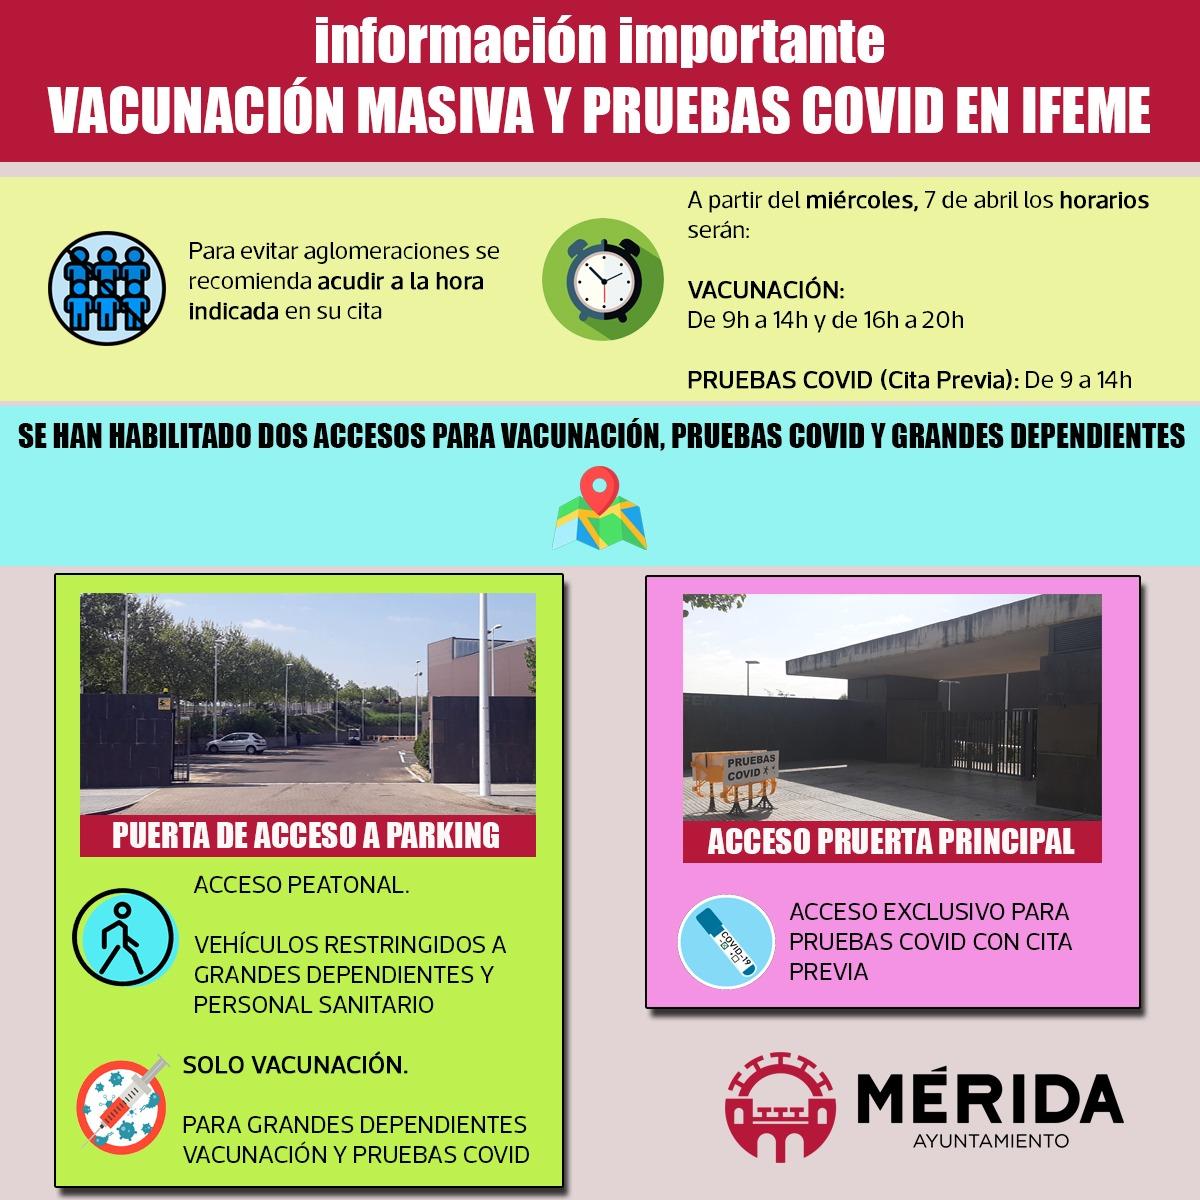 El ayuntamiento colabora con el SES en la organización de IFEME para la campaña de vacunación masiva